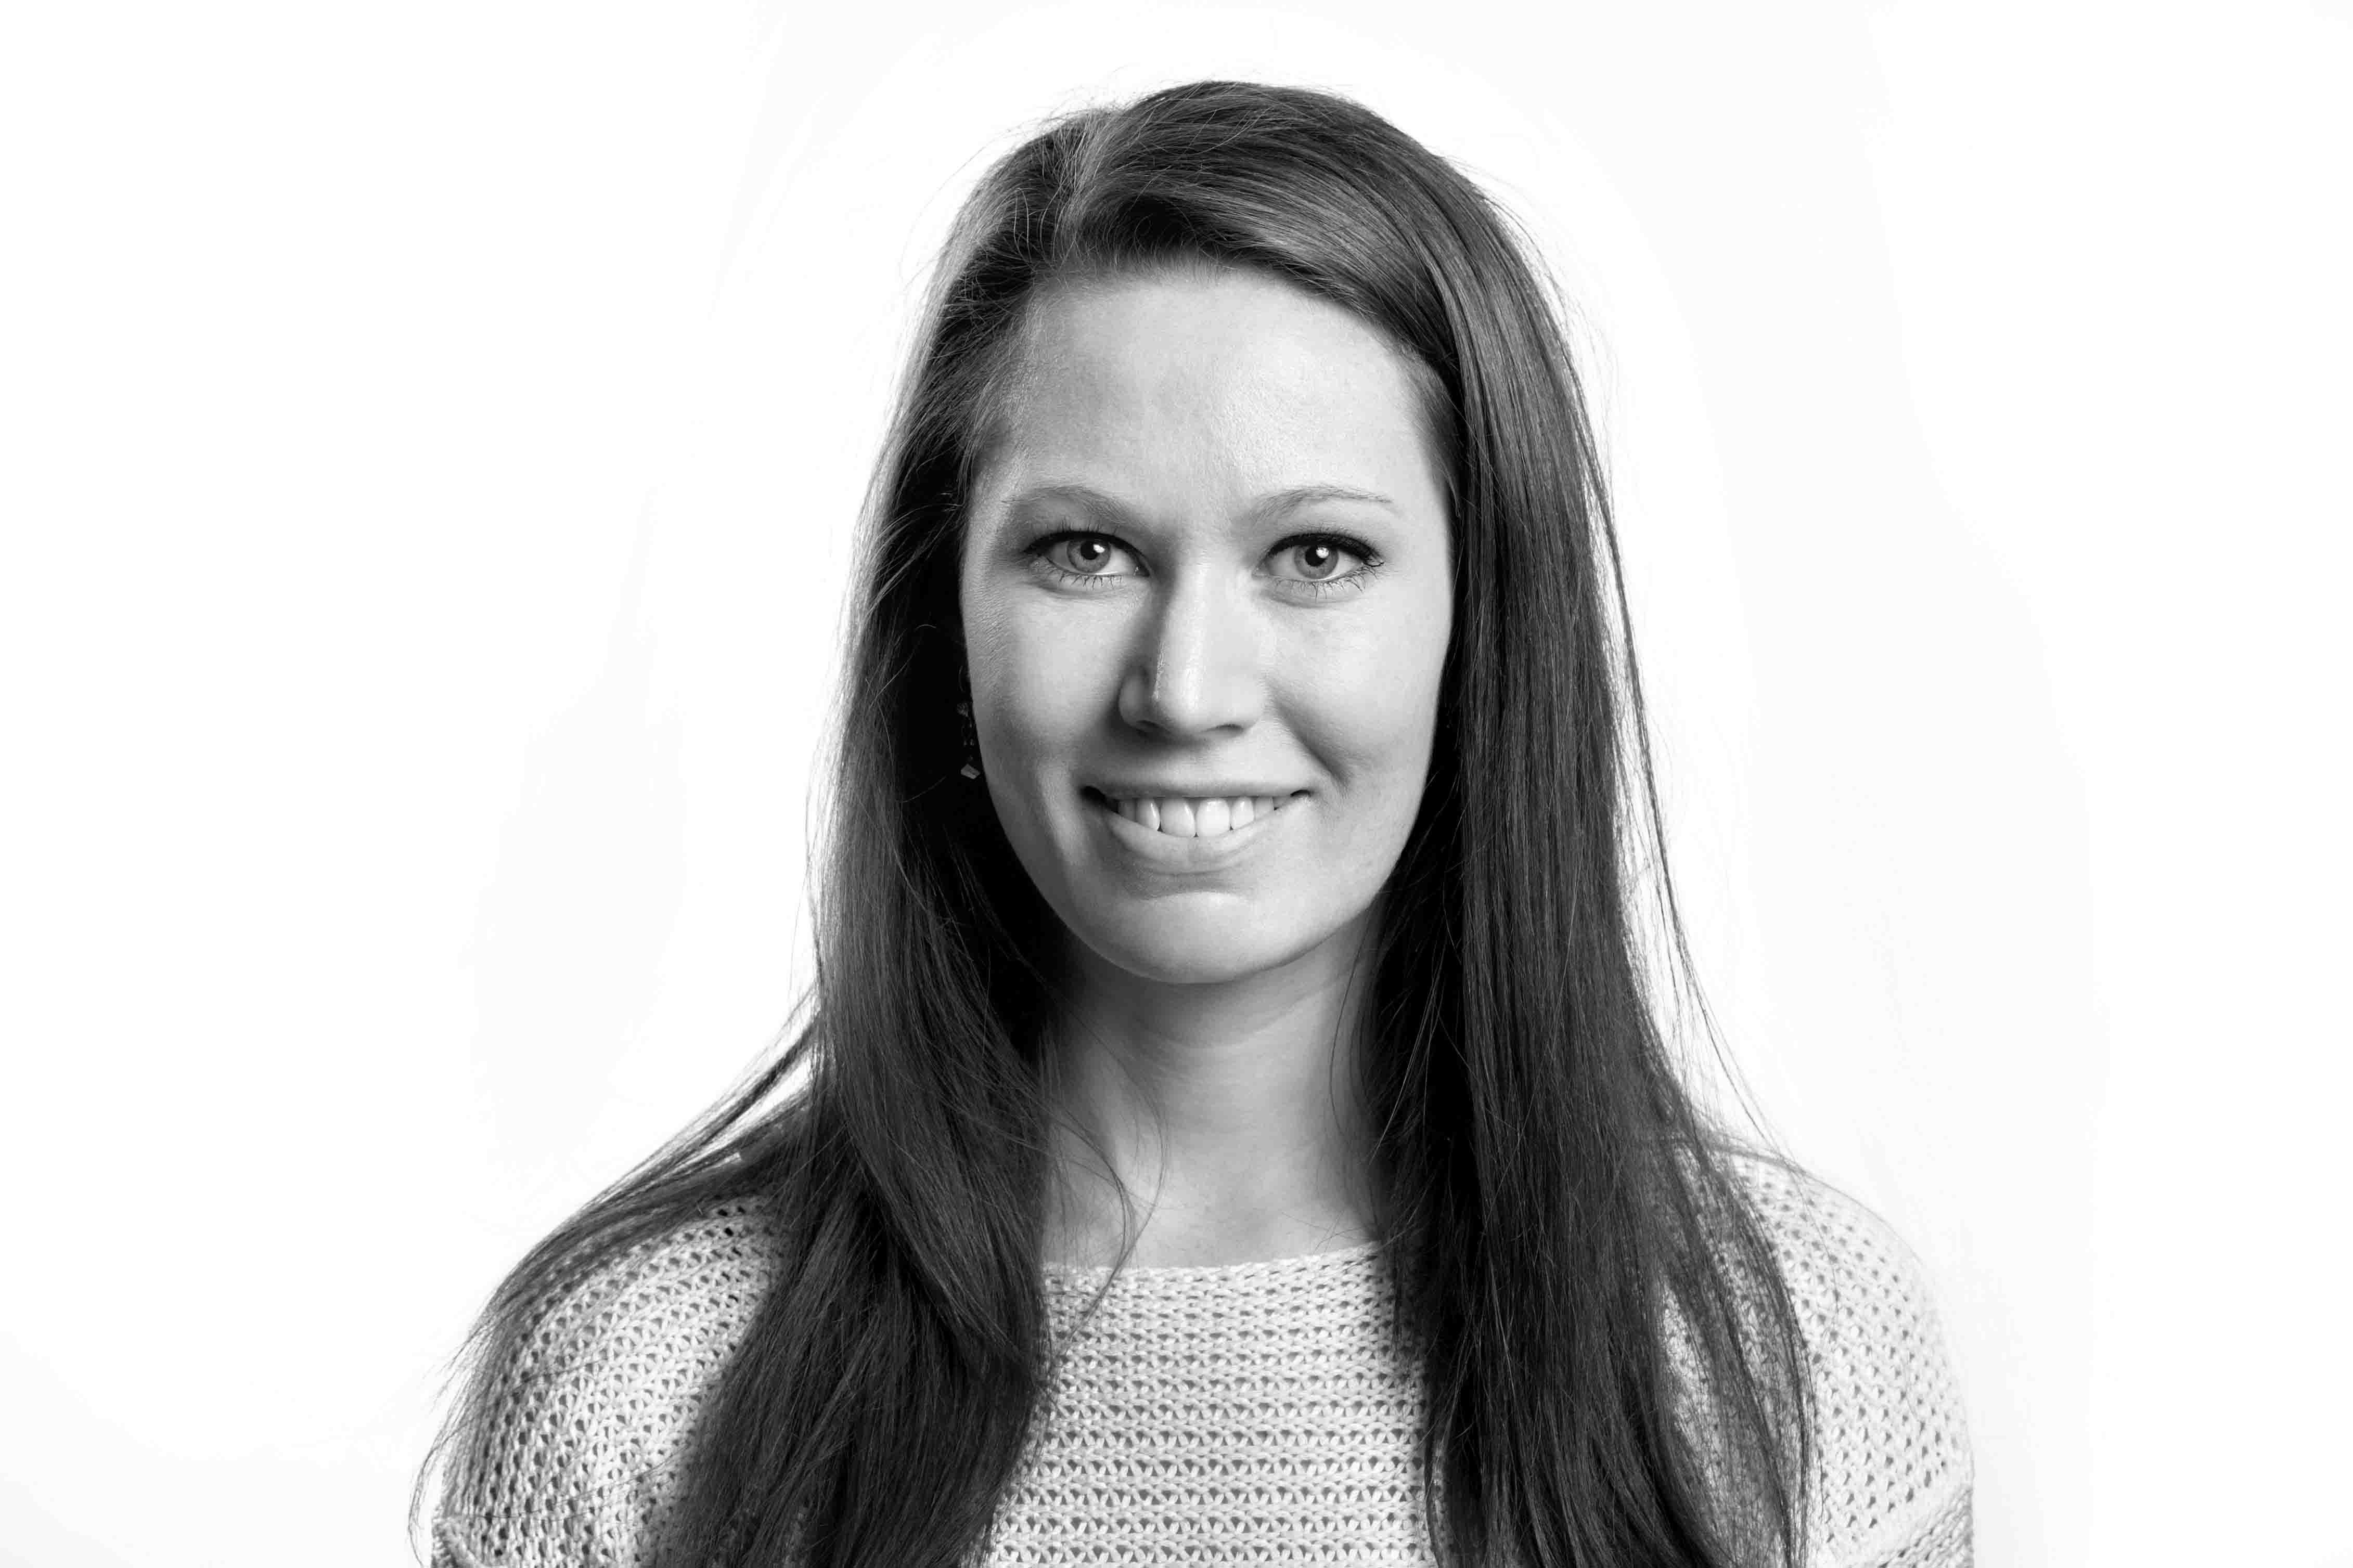 Marianne Syvertsen